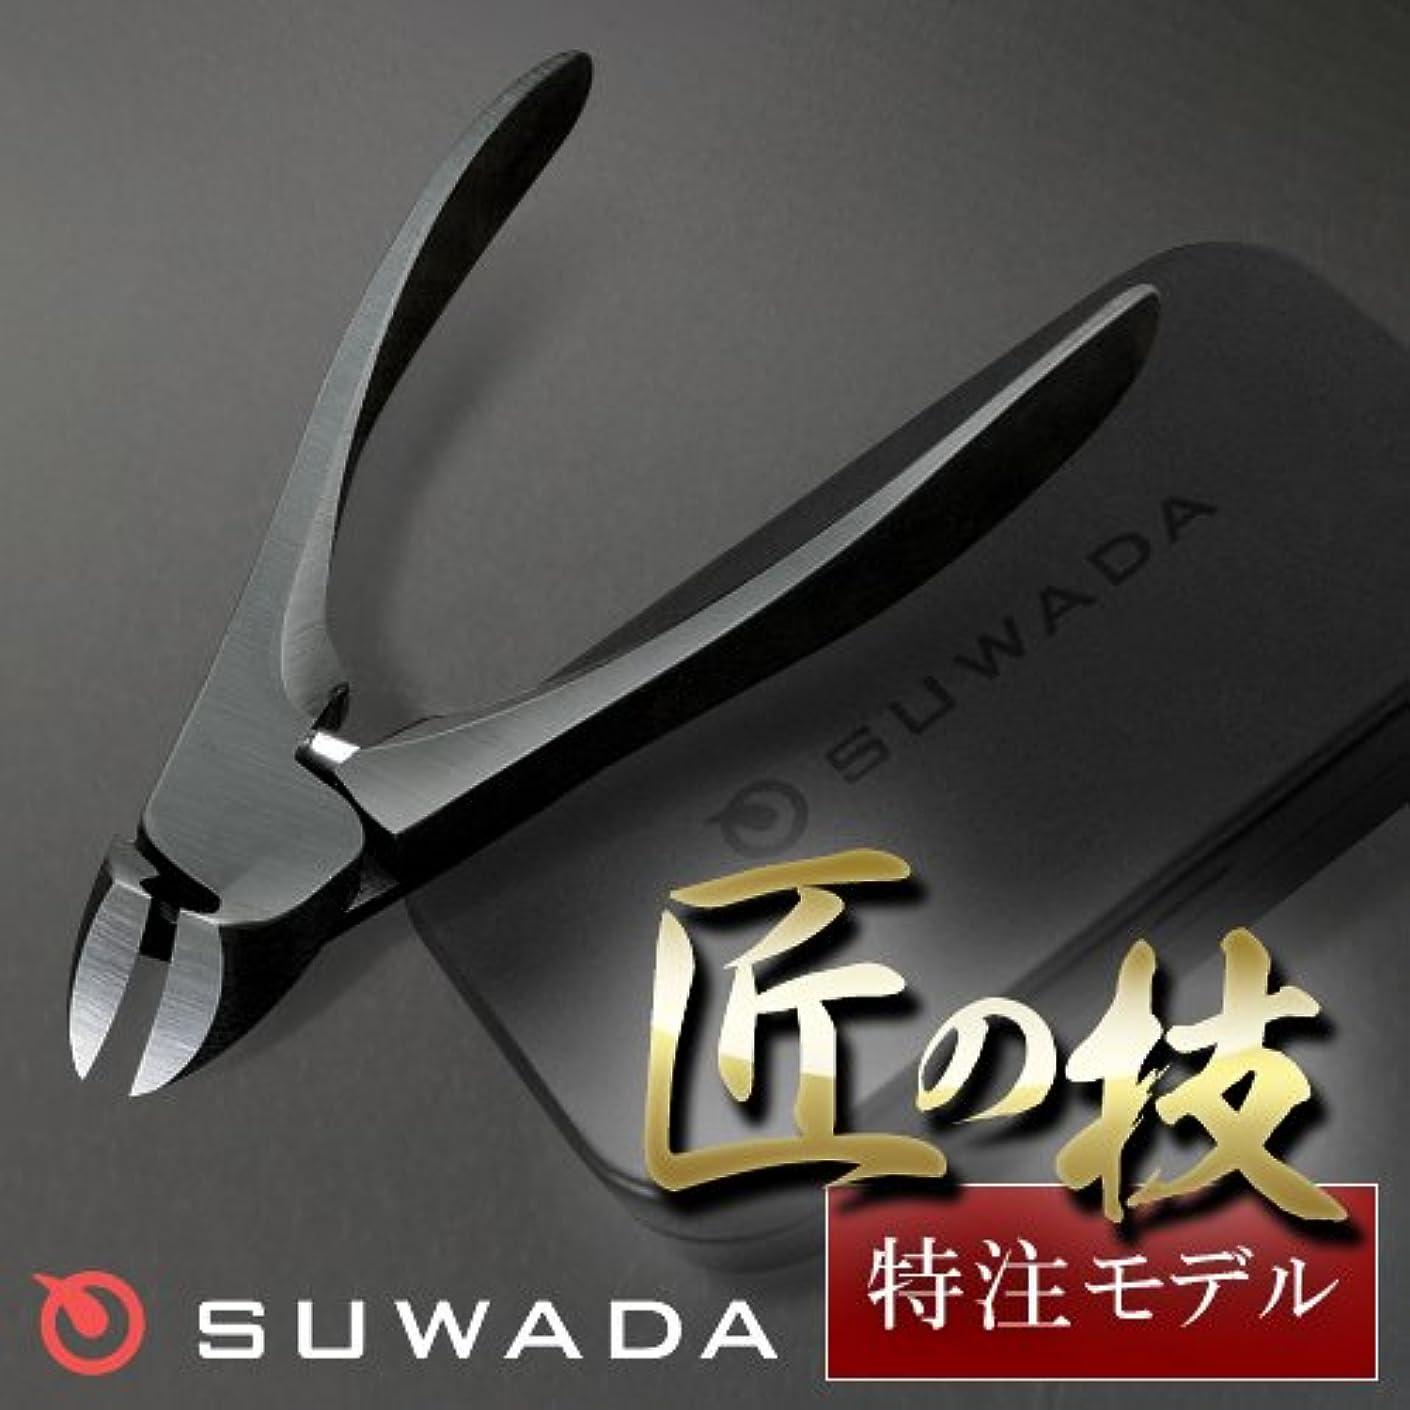 信じられない細分化する小説SUWADA爪切りブラックL&メタルケースセット 特注モデル 諏訪田製作所製 スワダの爪切り